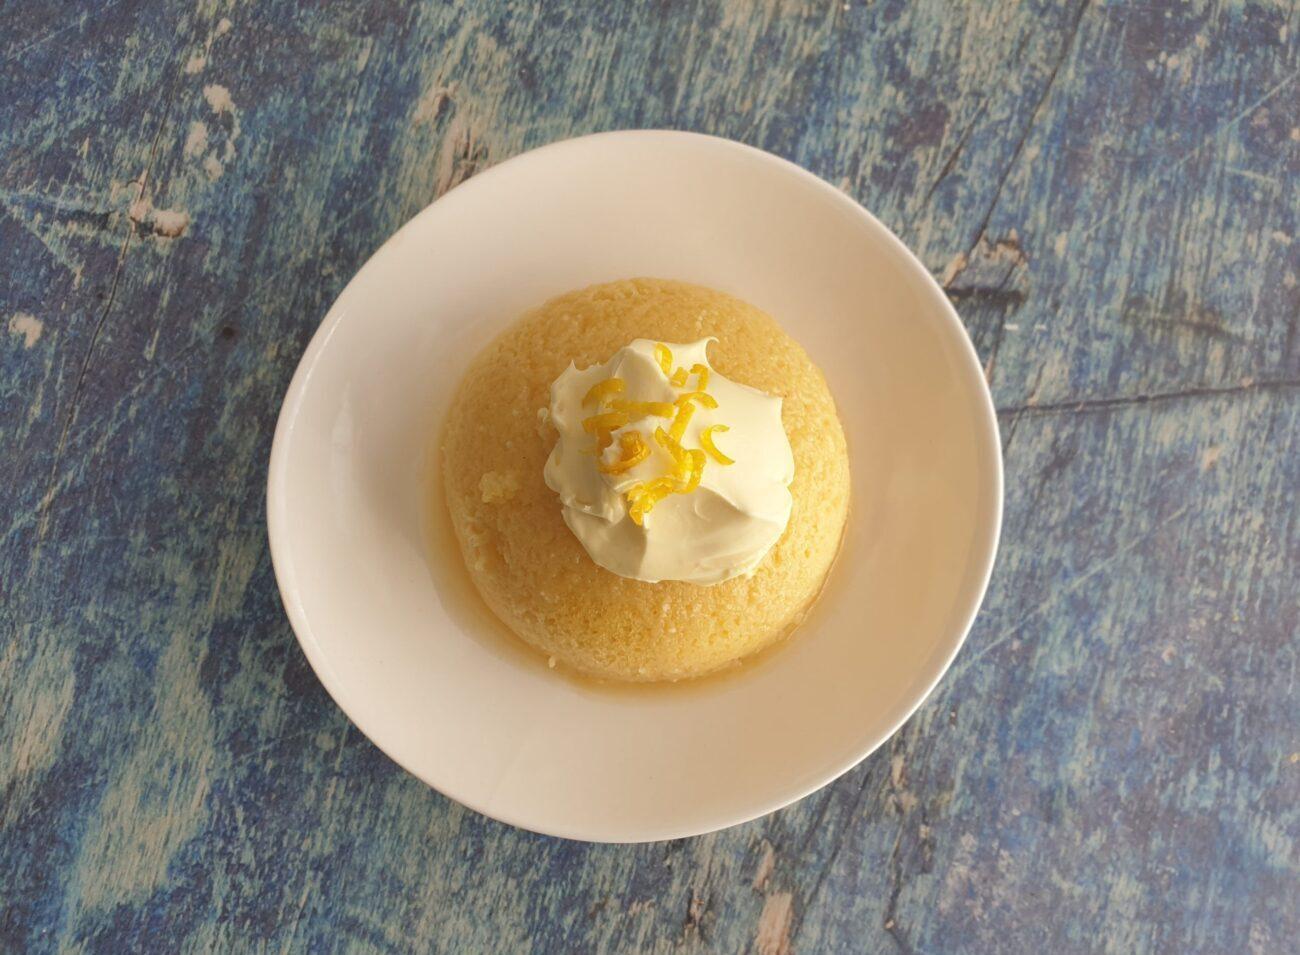 Keto Lemon Mug Cake Ketohh Sugar Free Low Carb Cake